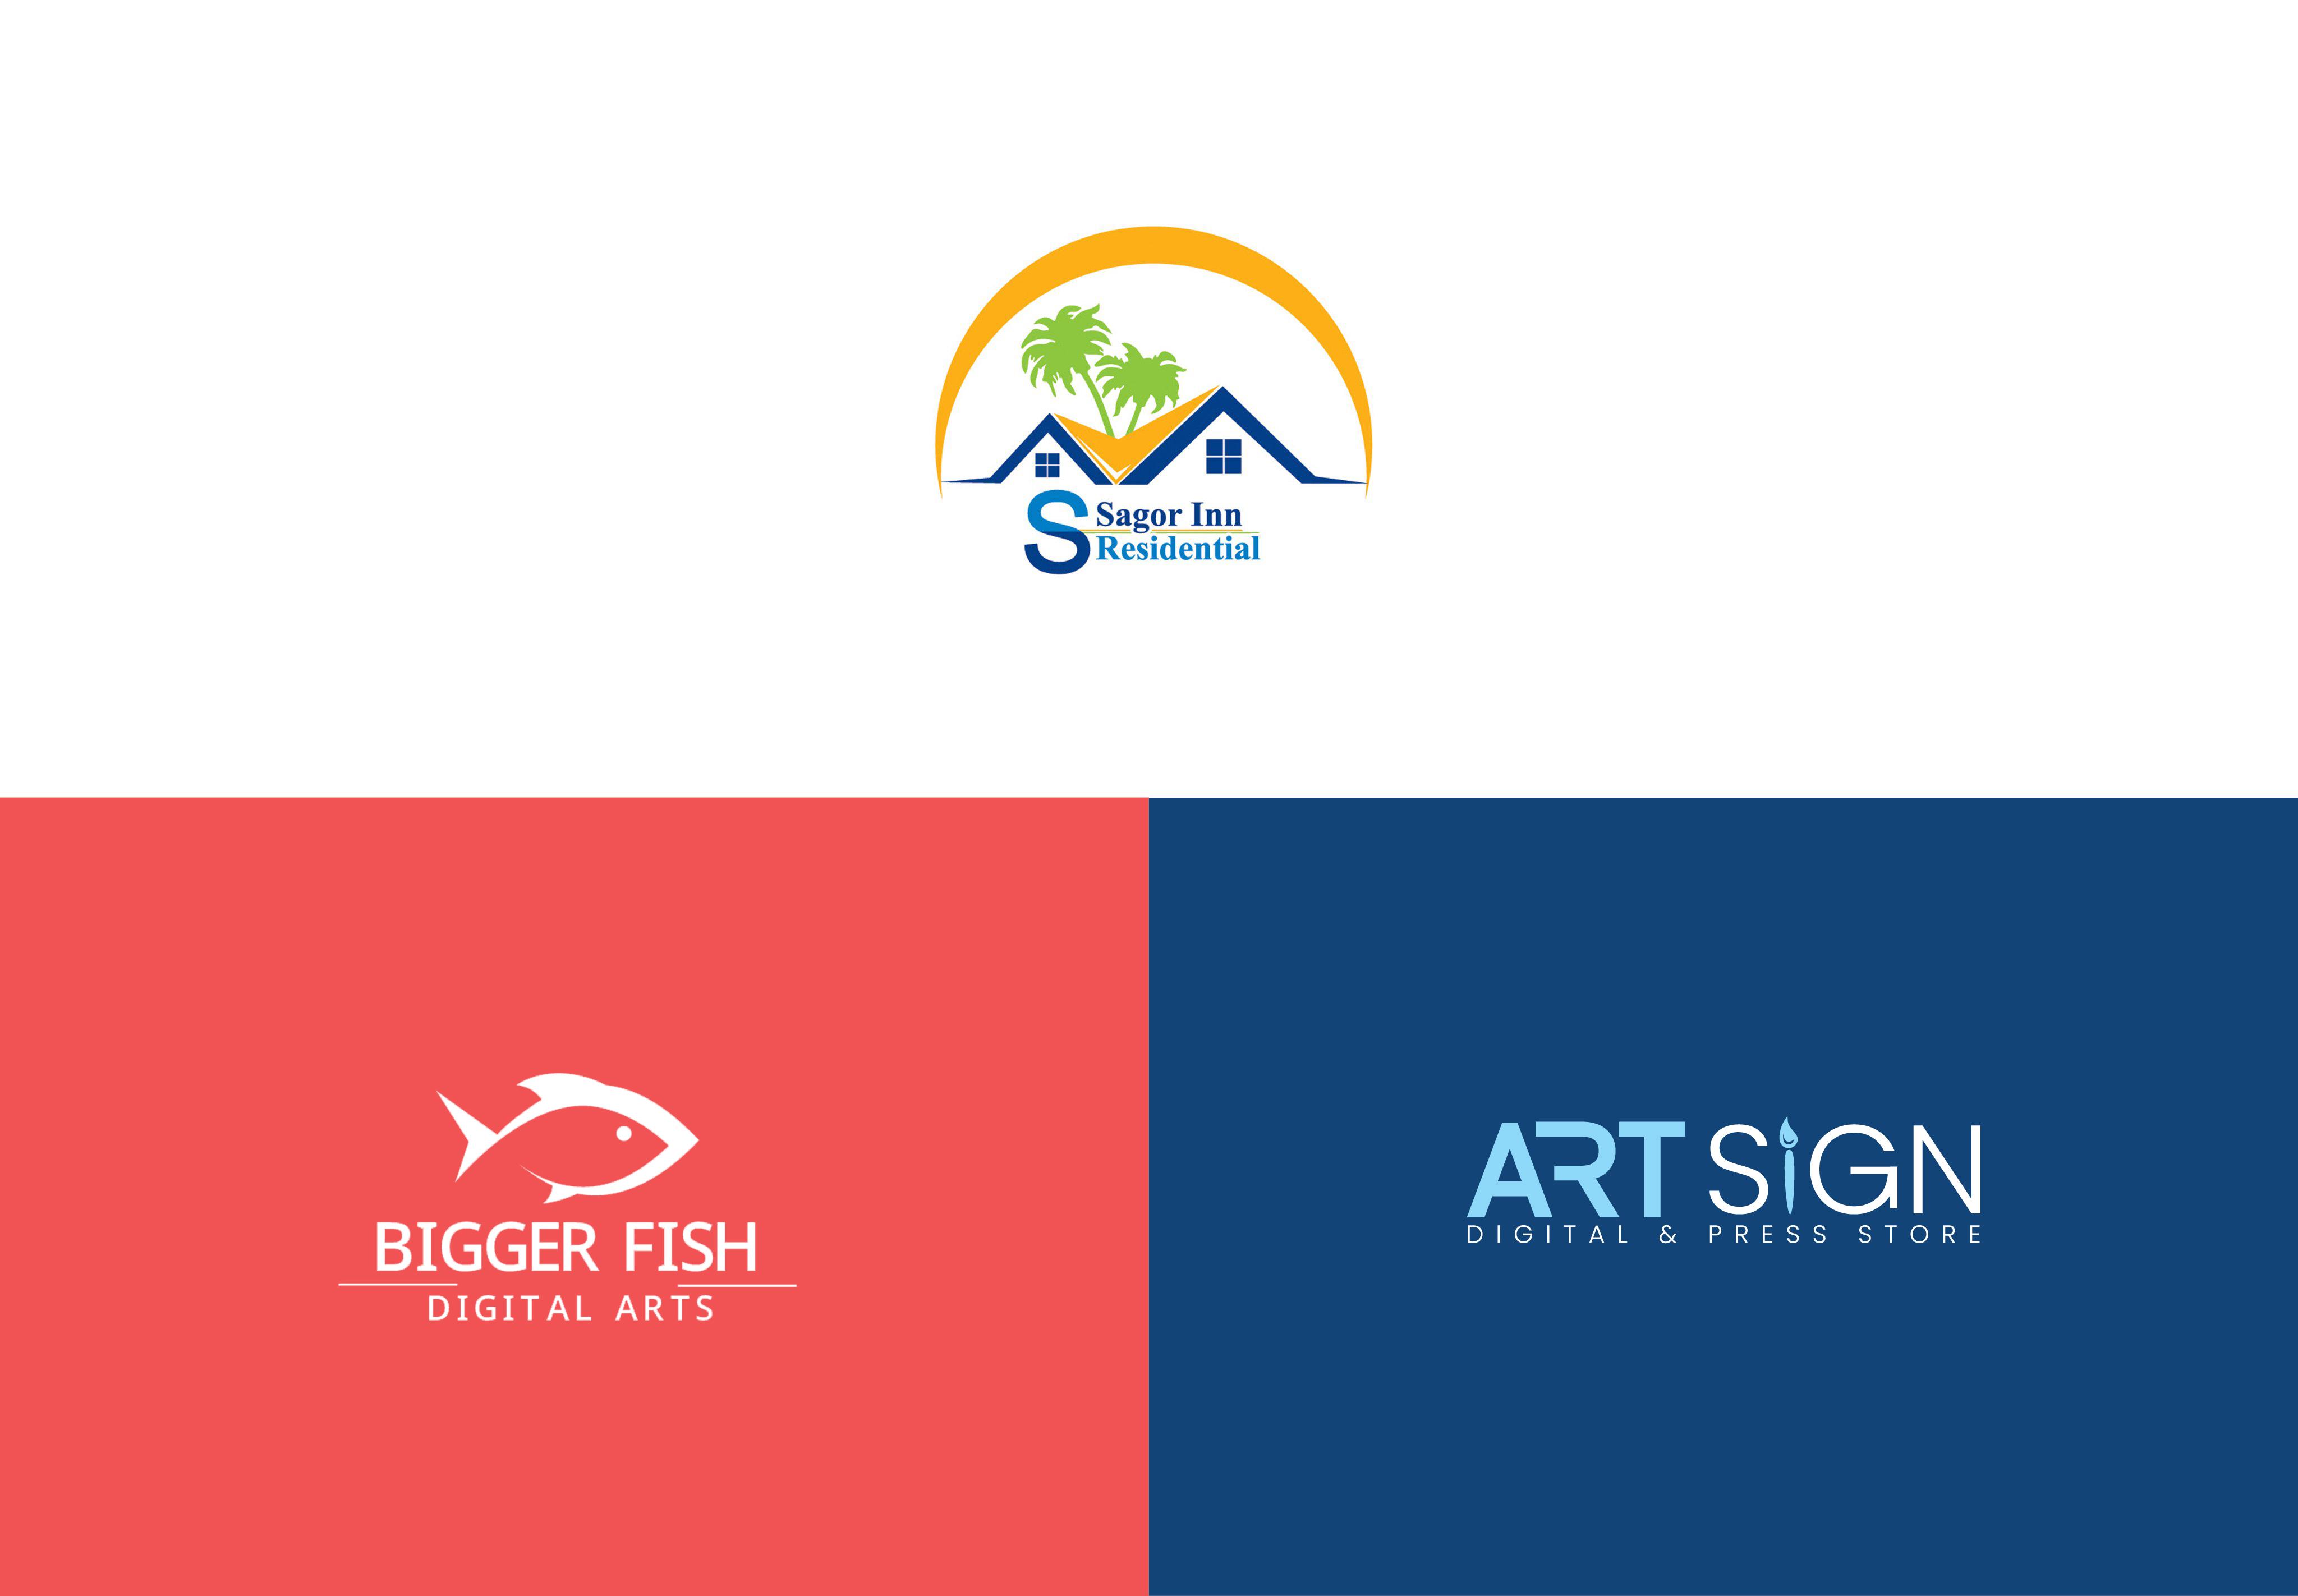 I will create a Standard modern business logo design 24hrs.